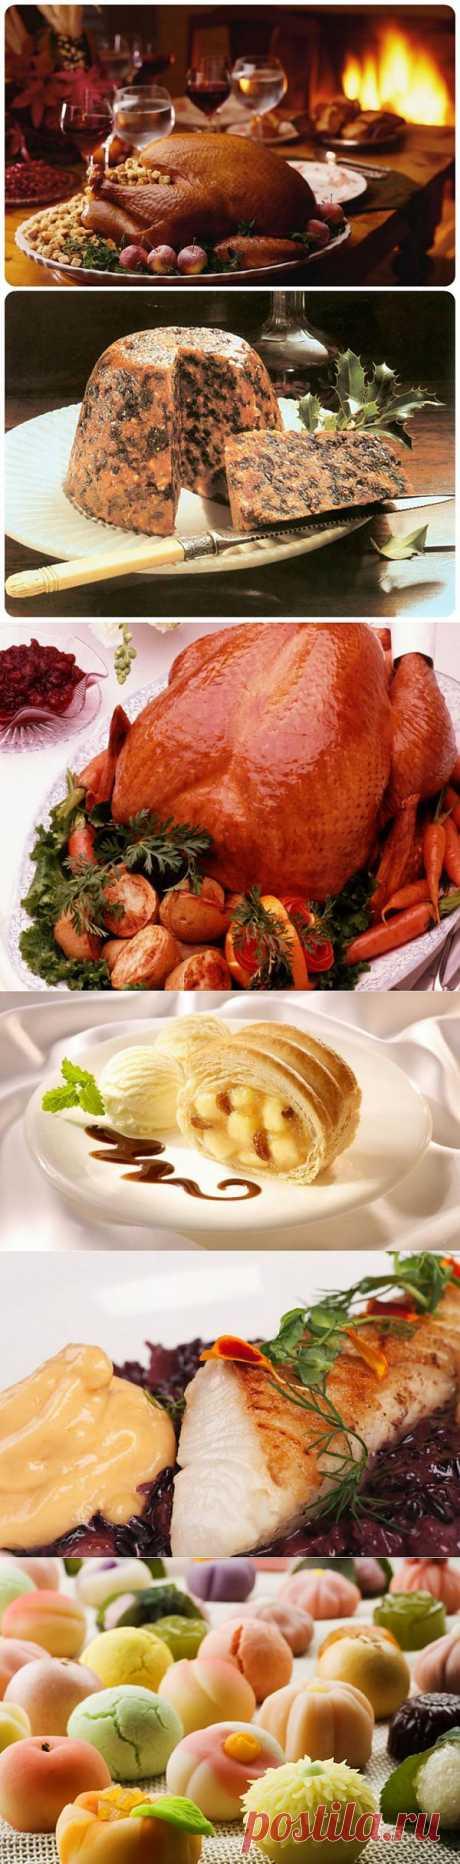 Традиционные новогодние блюда разных стран мира | Ультрамарин